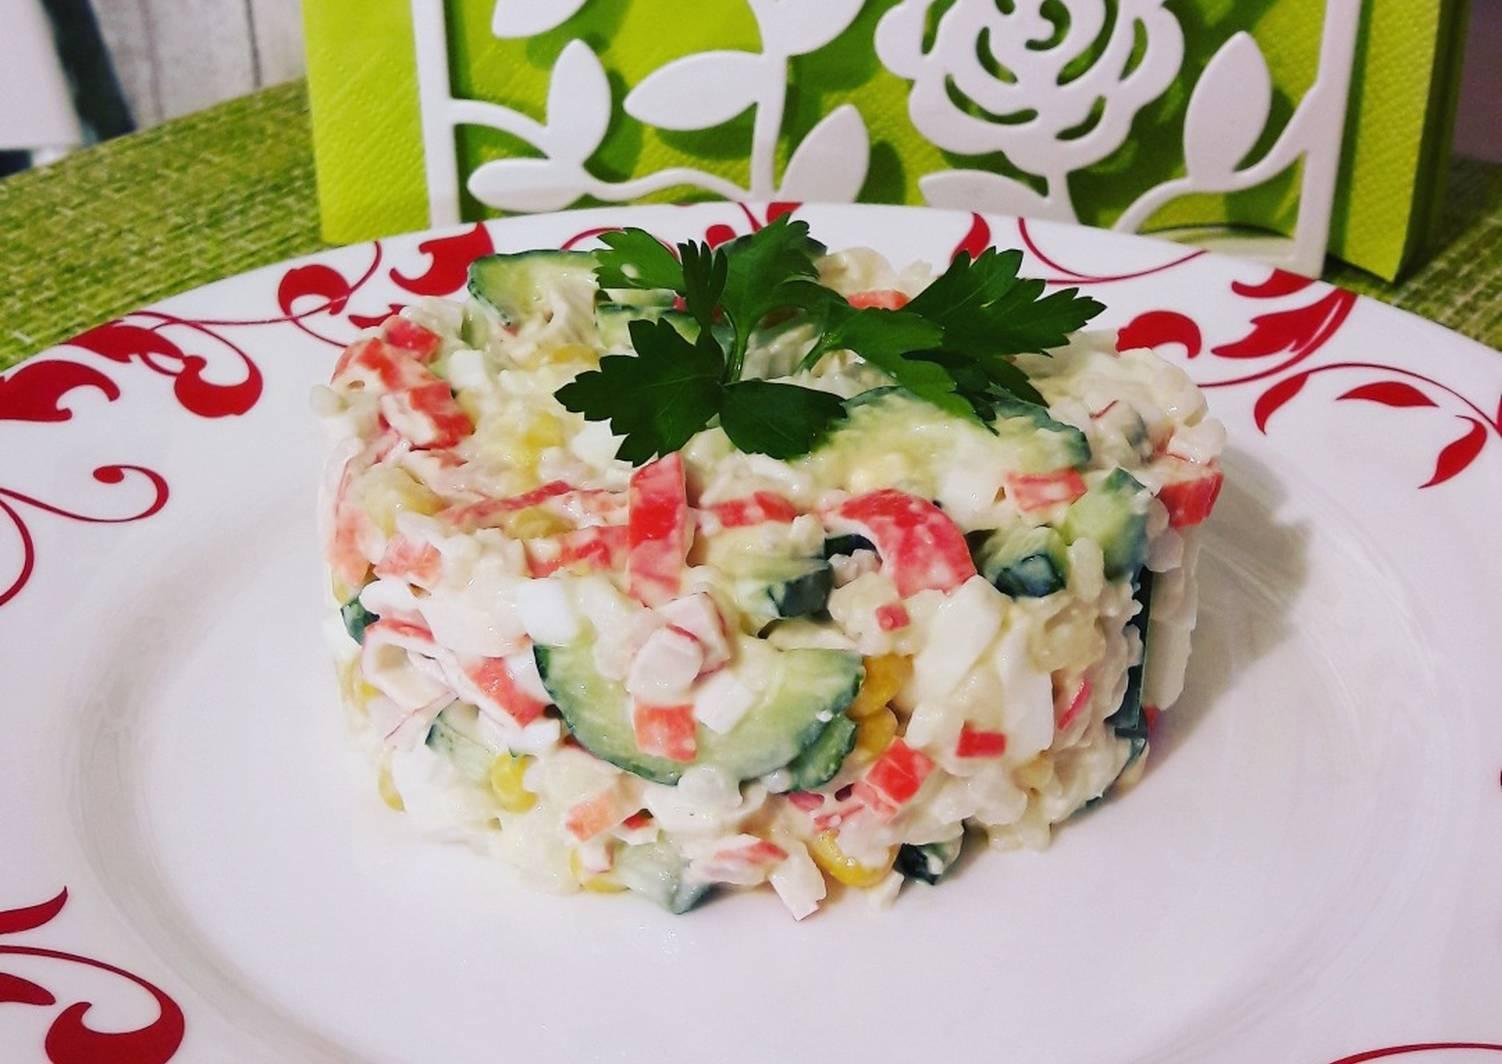 фото рецепт салатов из крабовых палочек с фото ковровых покрытий